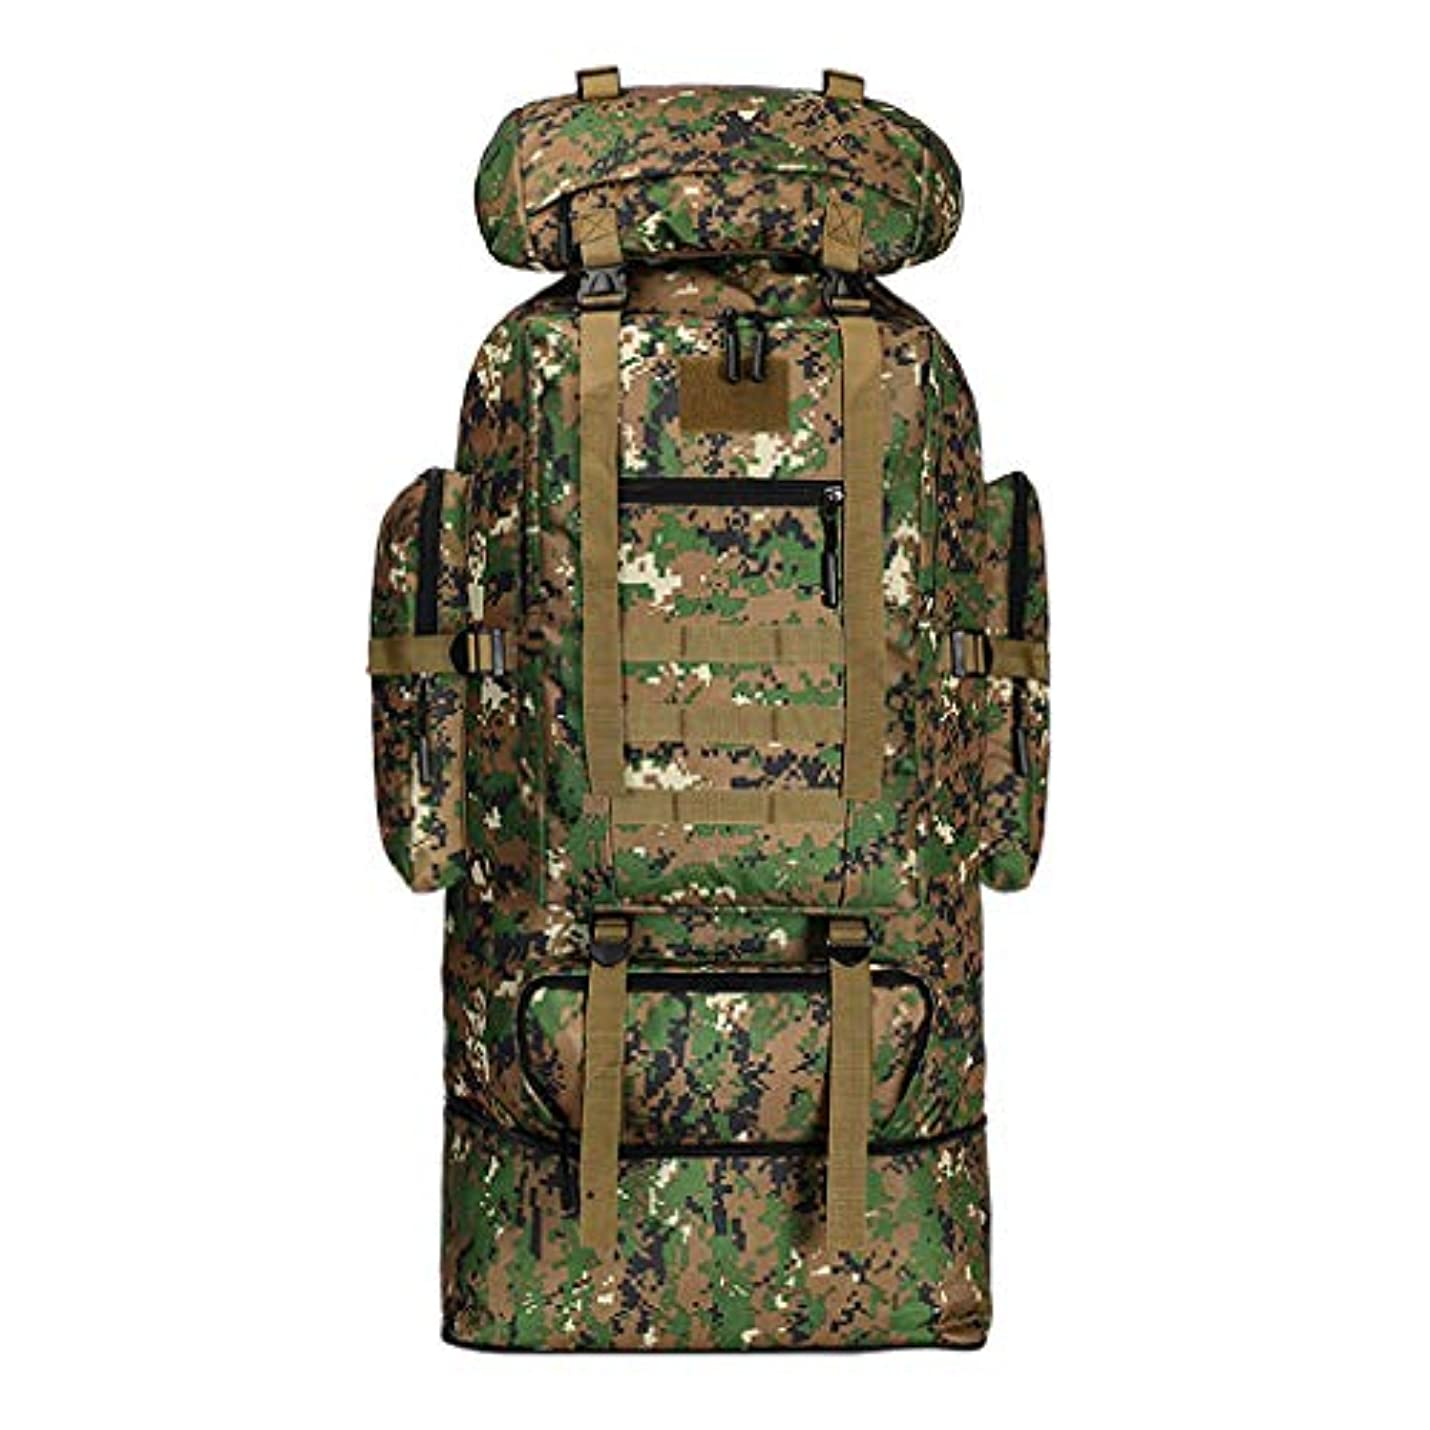 重くする事業内容重さ大容量100Lバックパック迷彩印刷屋外バッグ旅行登山バッグ収納防水おしゃれバックパック人気バックパック大容量 人気バックパック